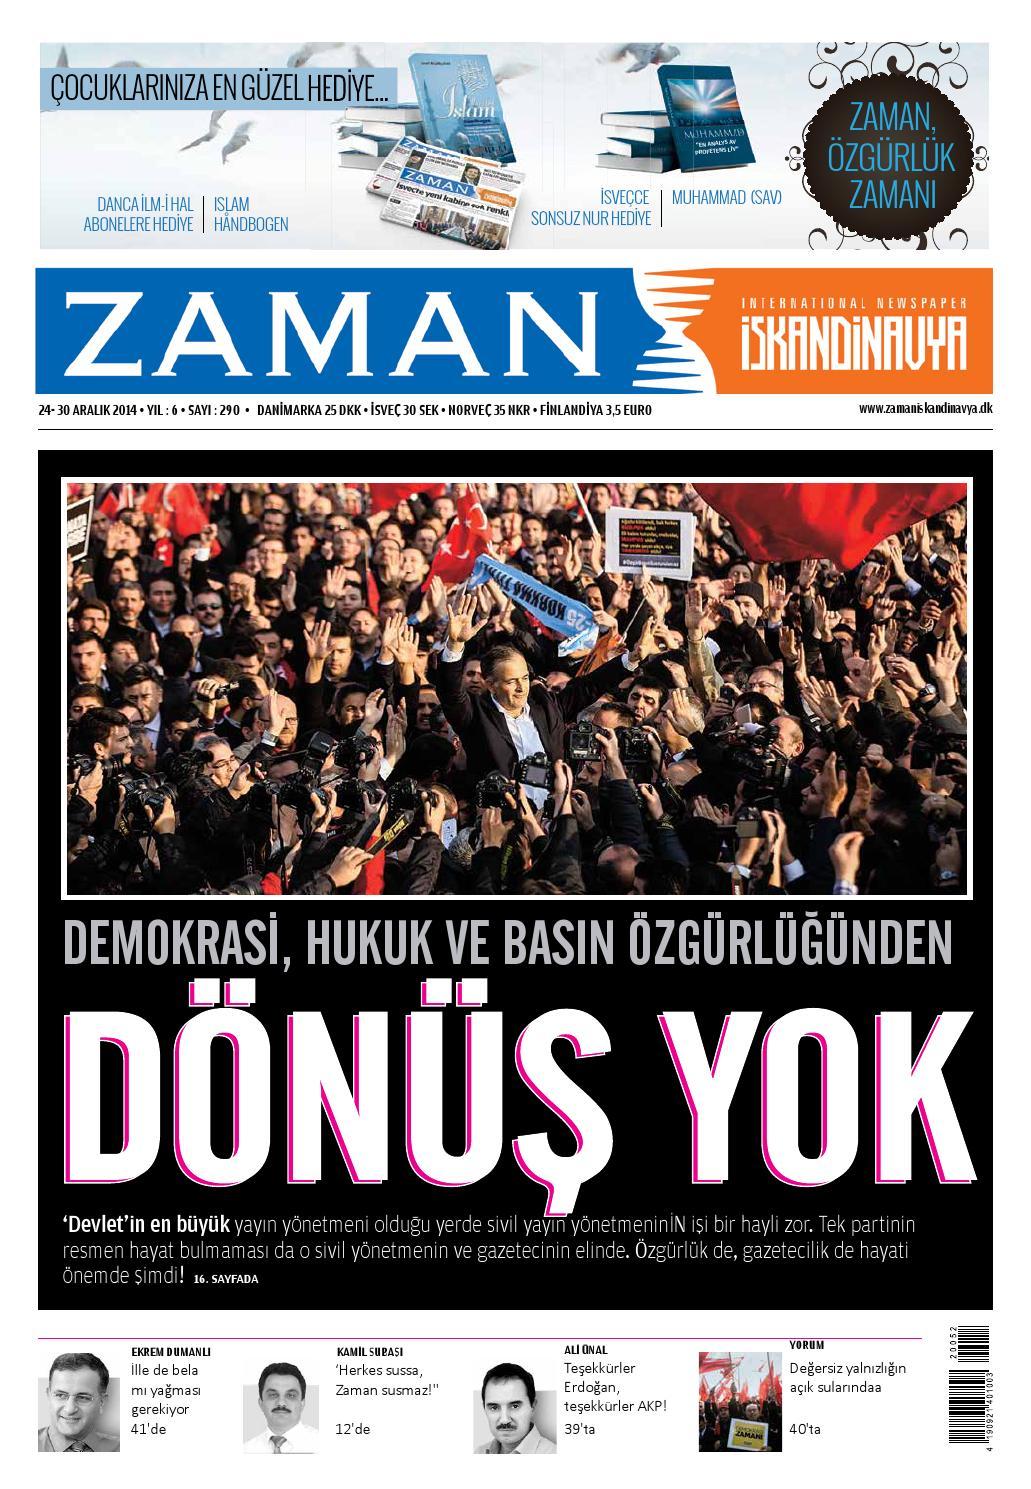 AK Partili Tayyar: Yeni bir derin devlet oluşturulacak, bunlar milletten emir alacak 47